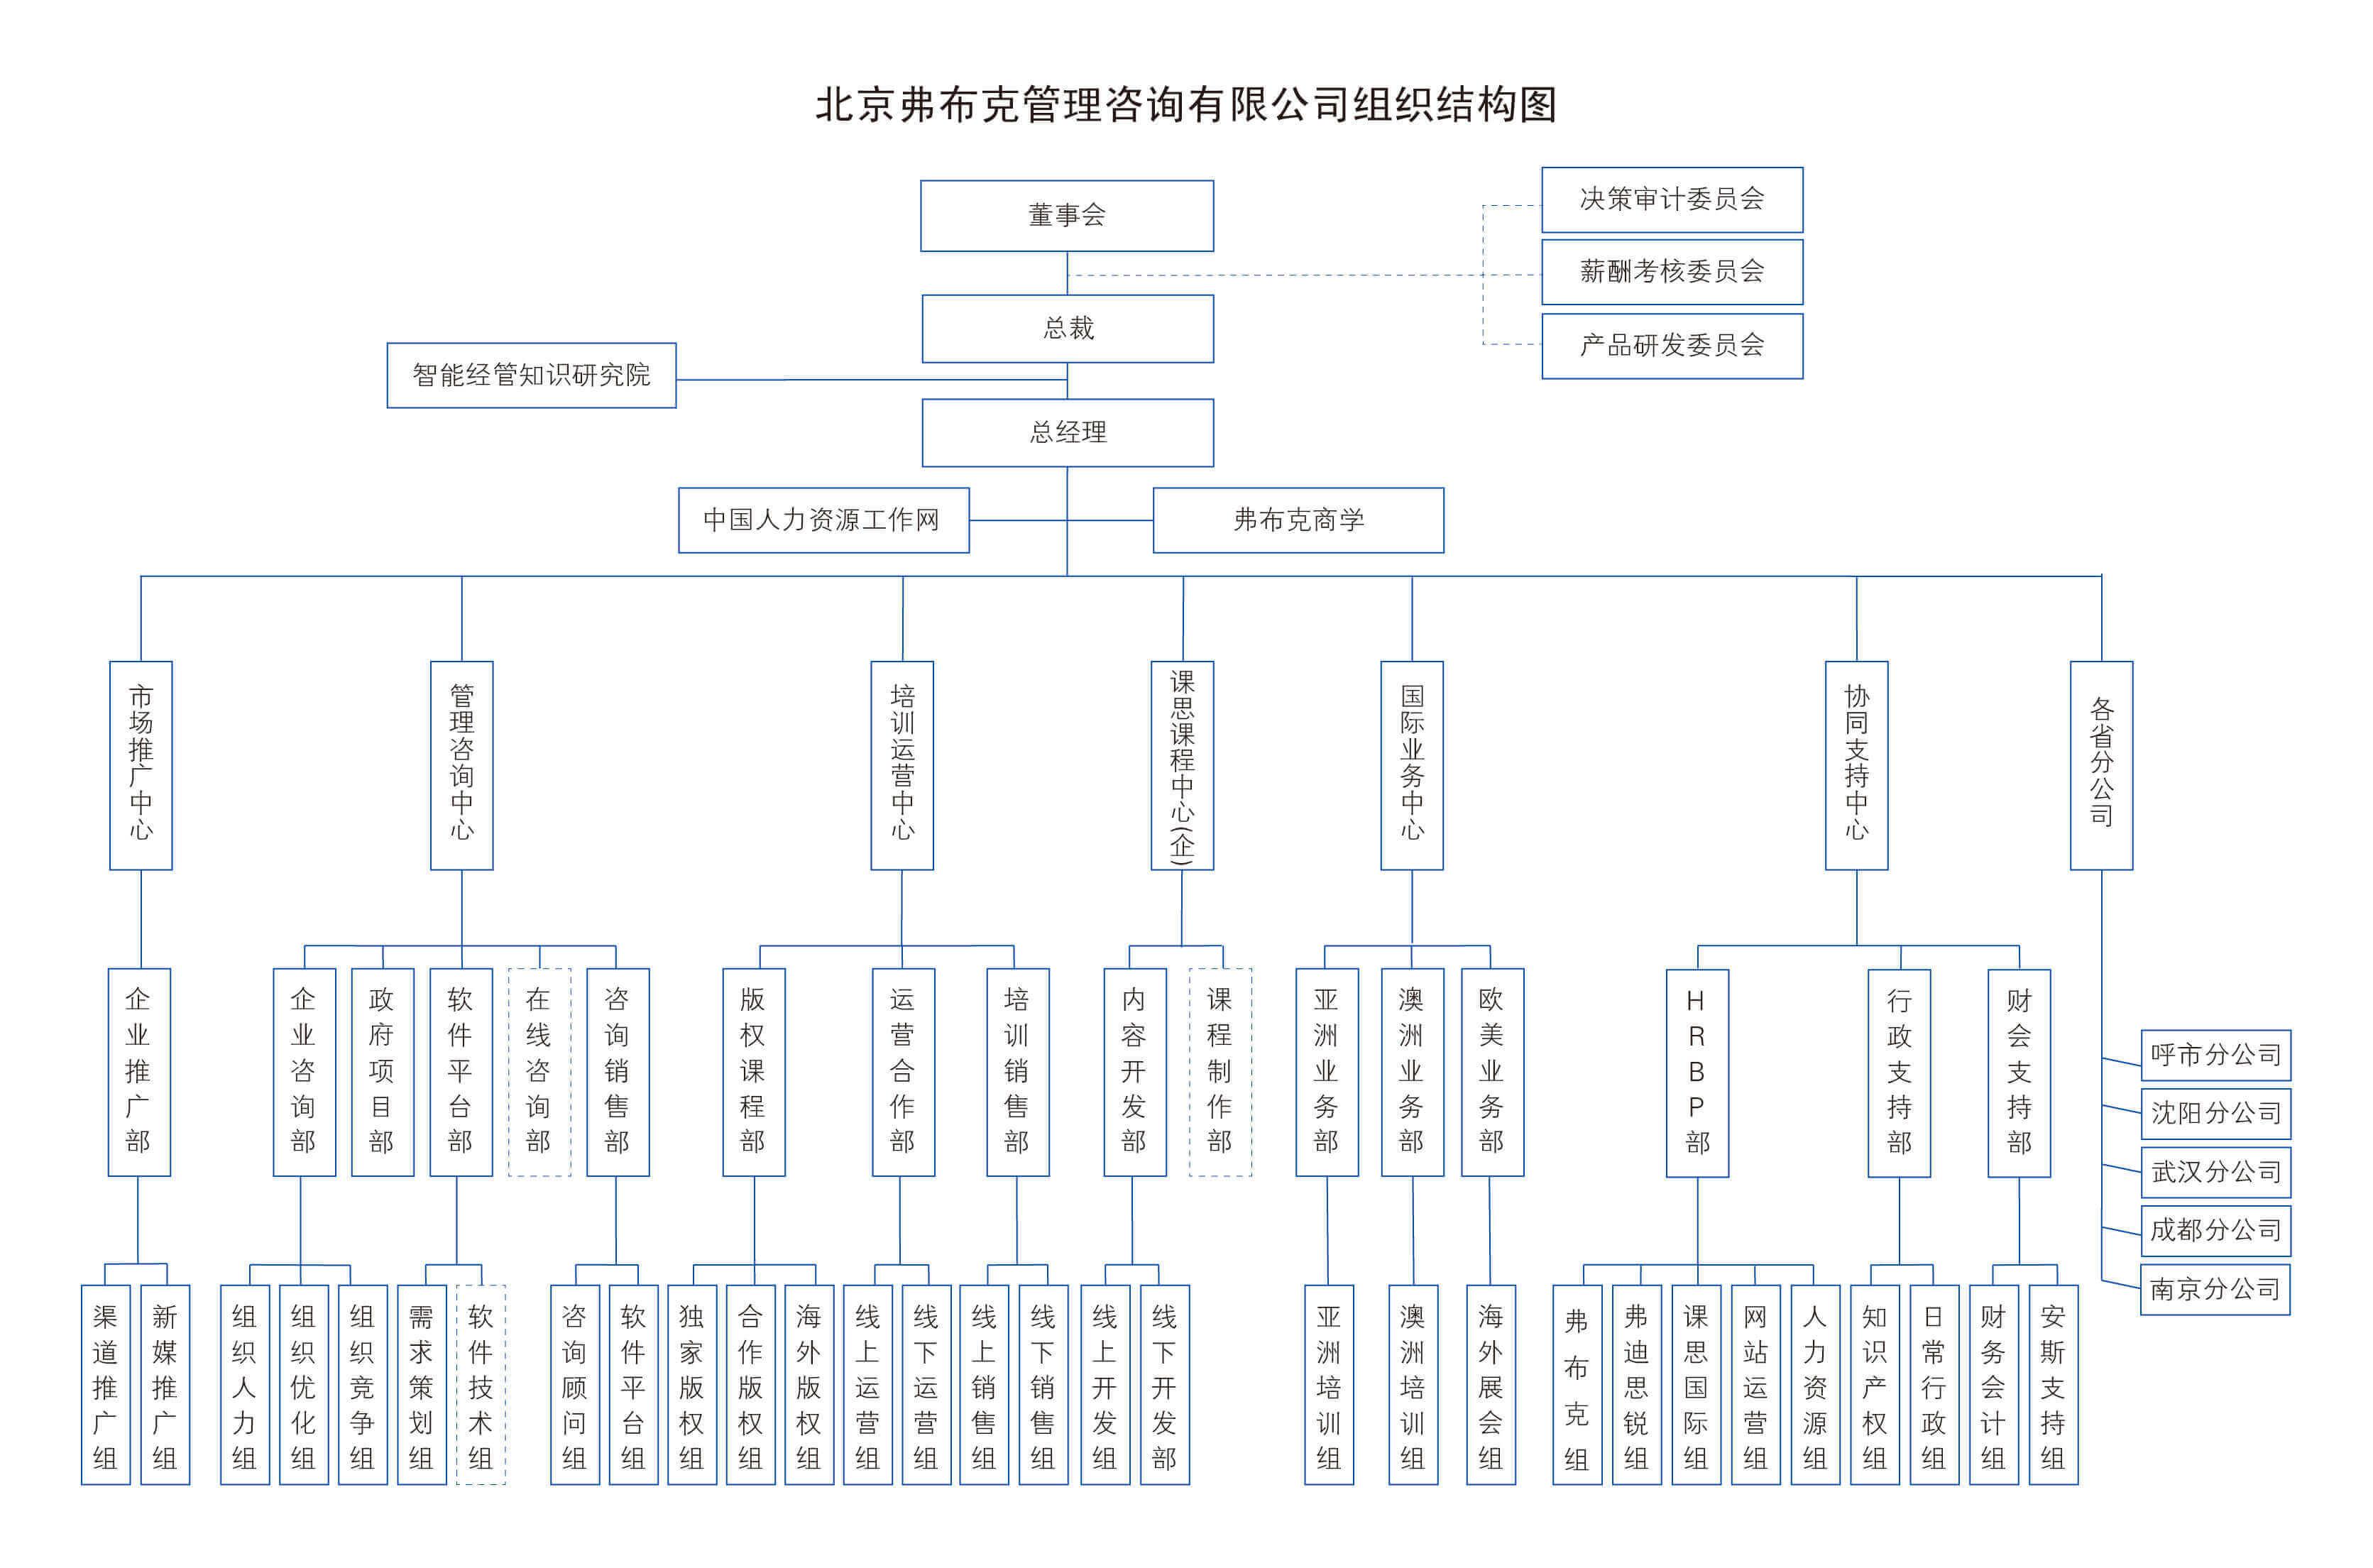 北京弗布克管理咨询有限公司组织结构图